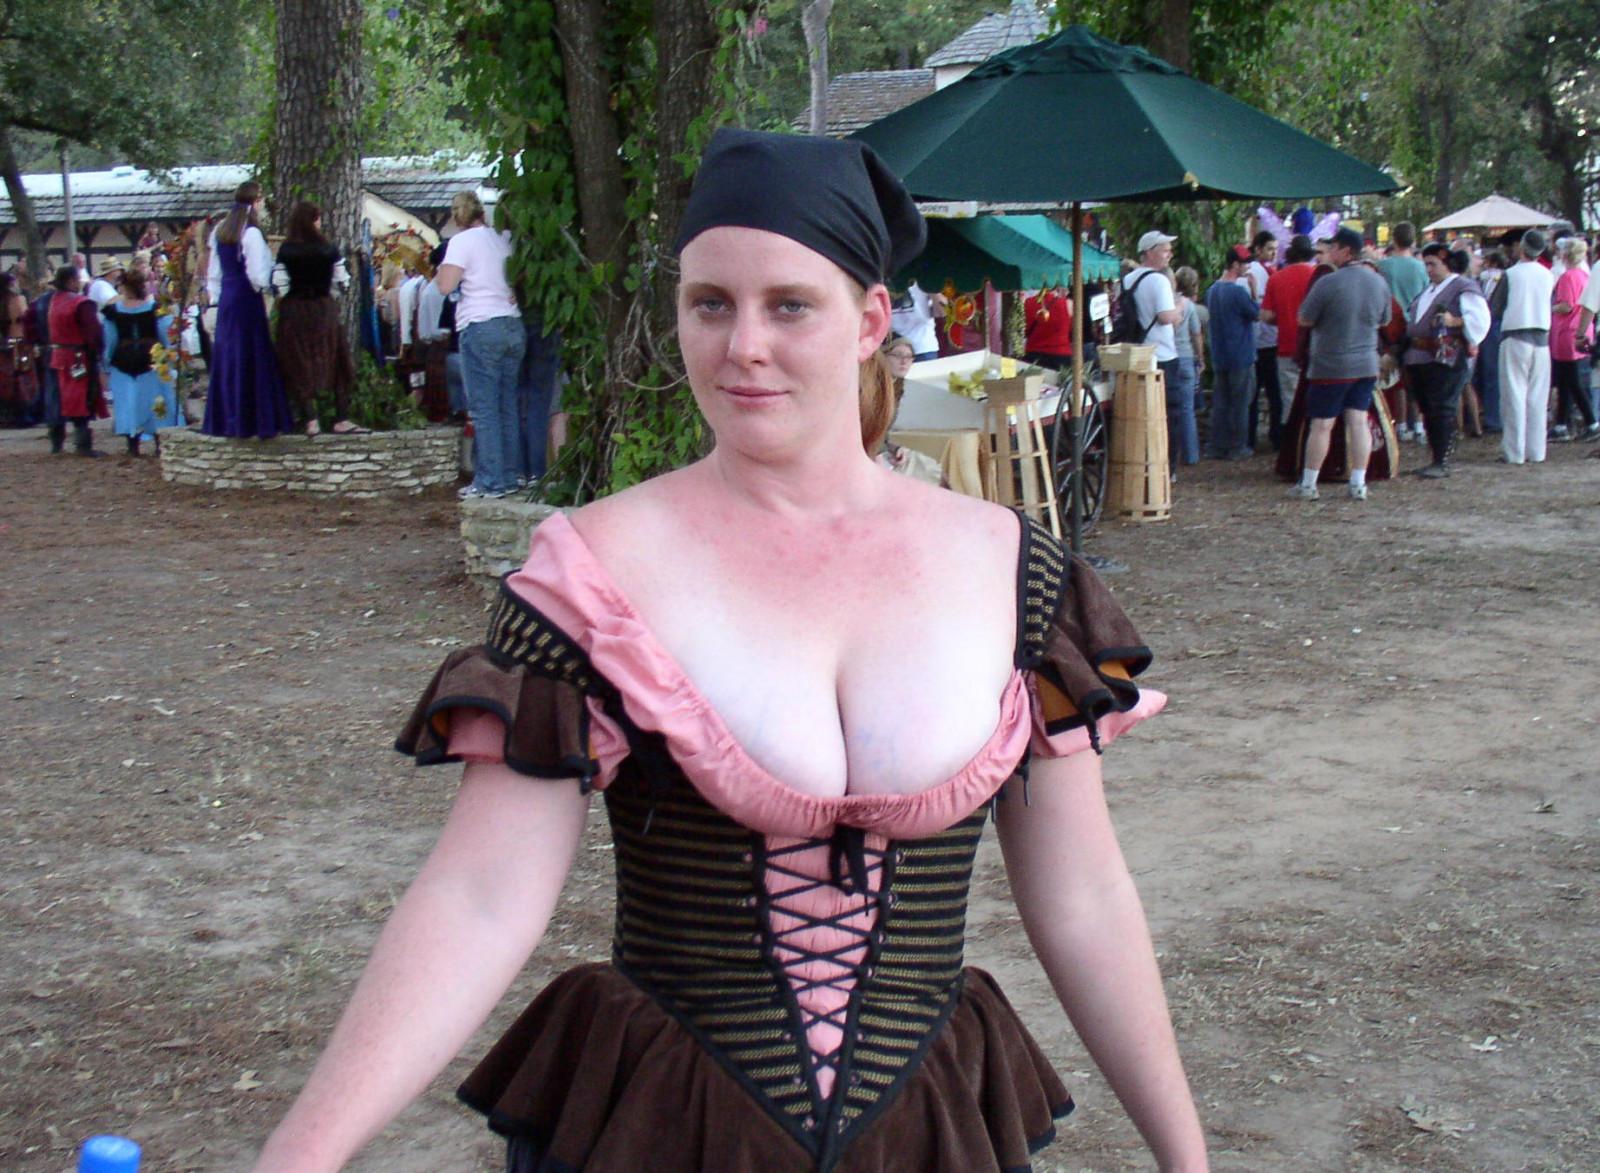 Renaissance fair nipples, gy style puss ass sex